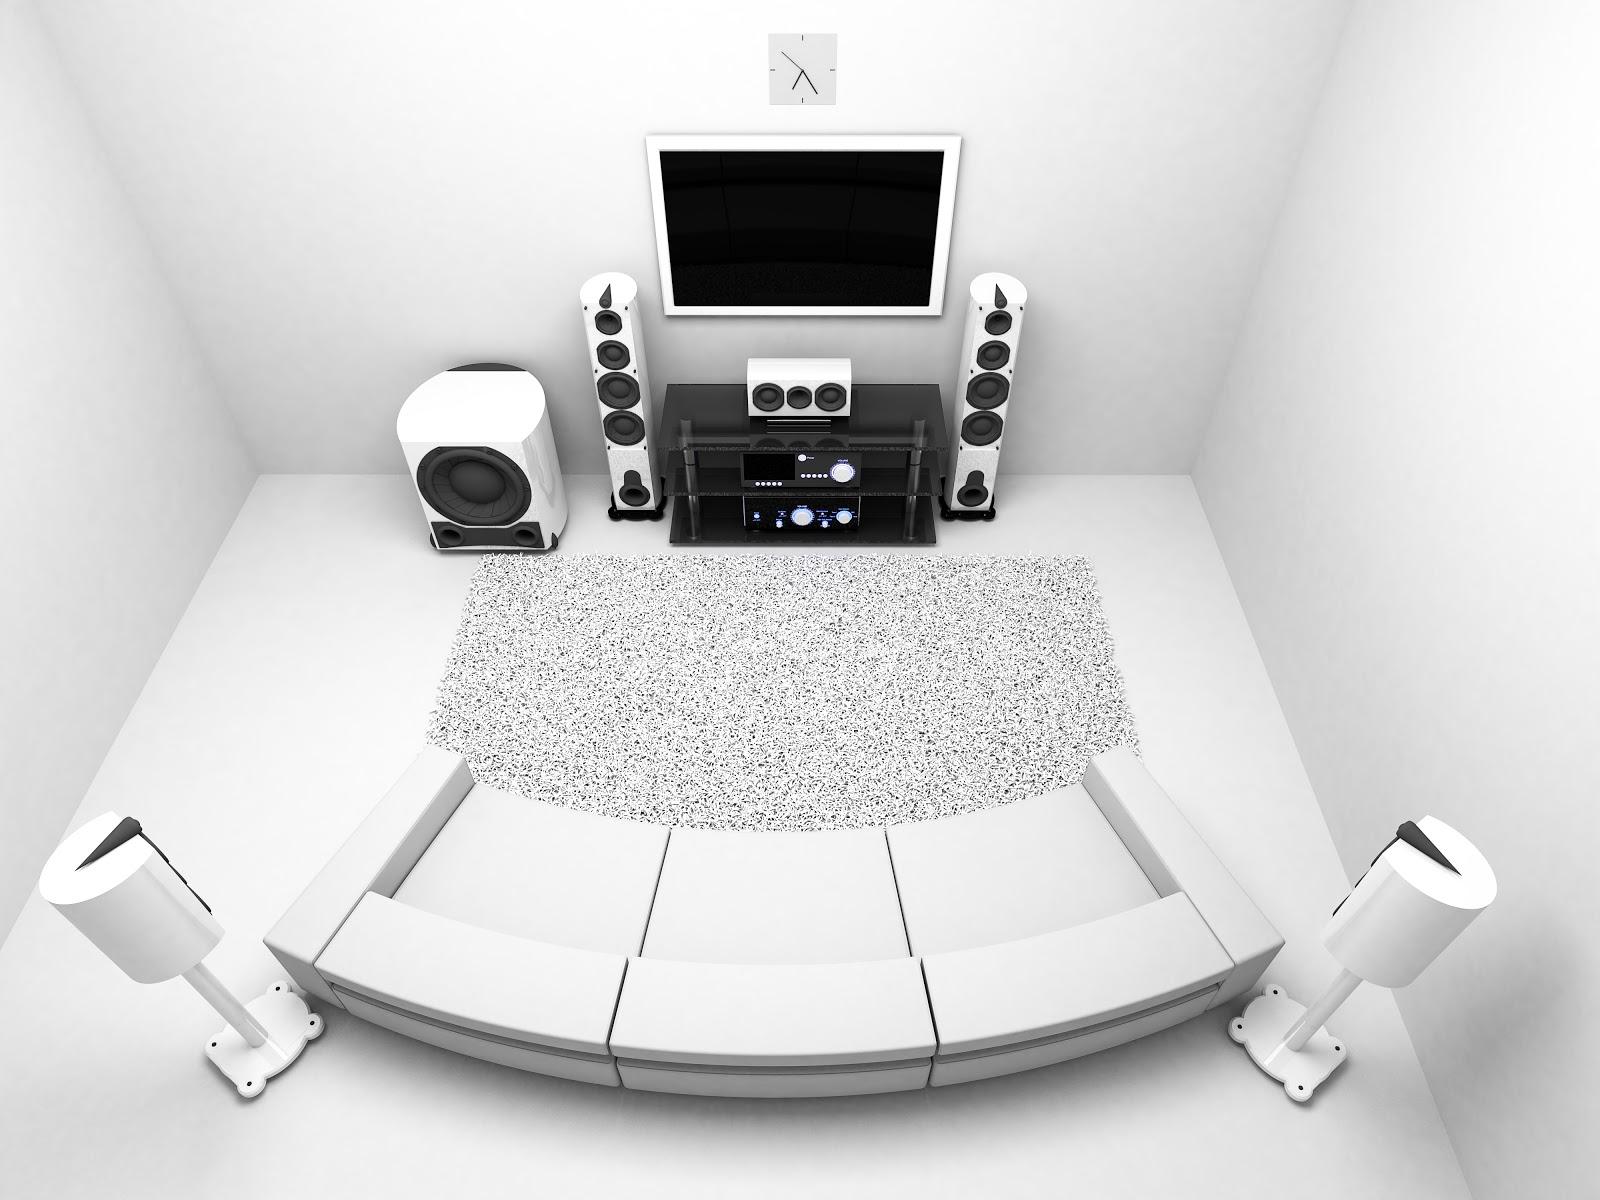 Loa Surround là gì? Phân biệt Surround sound và Stereo 21